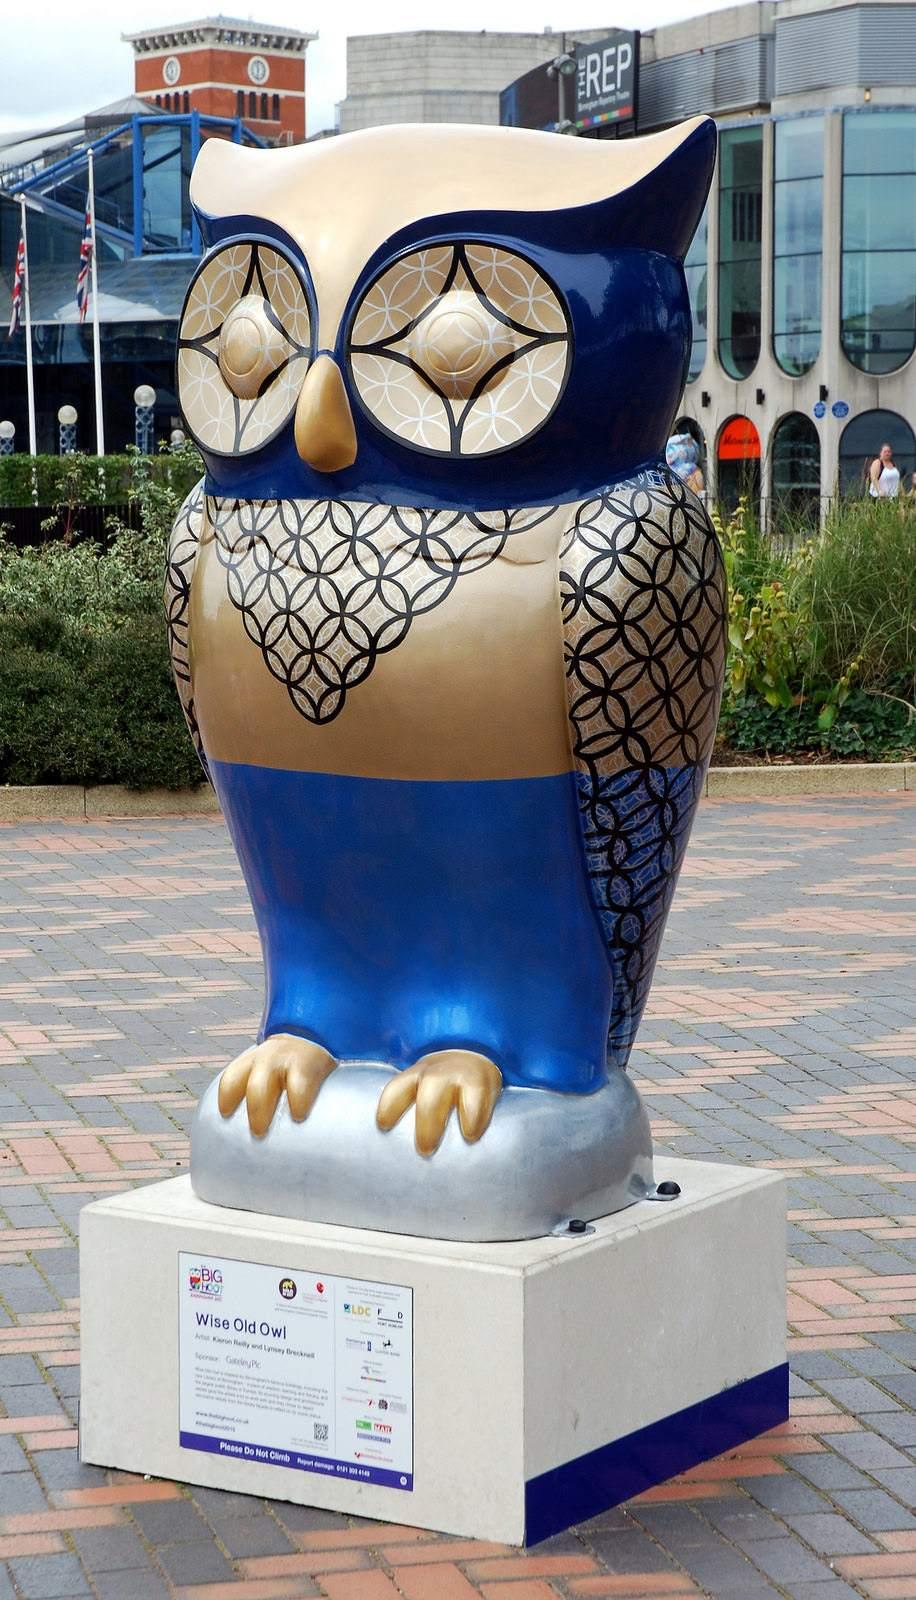 big hoot15 The 2015 Big Hoot Owls in Birmingham